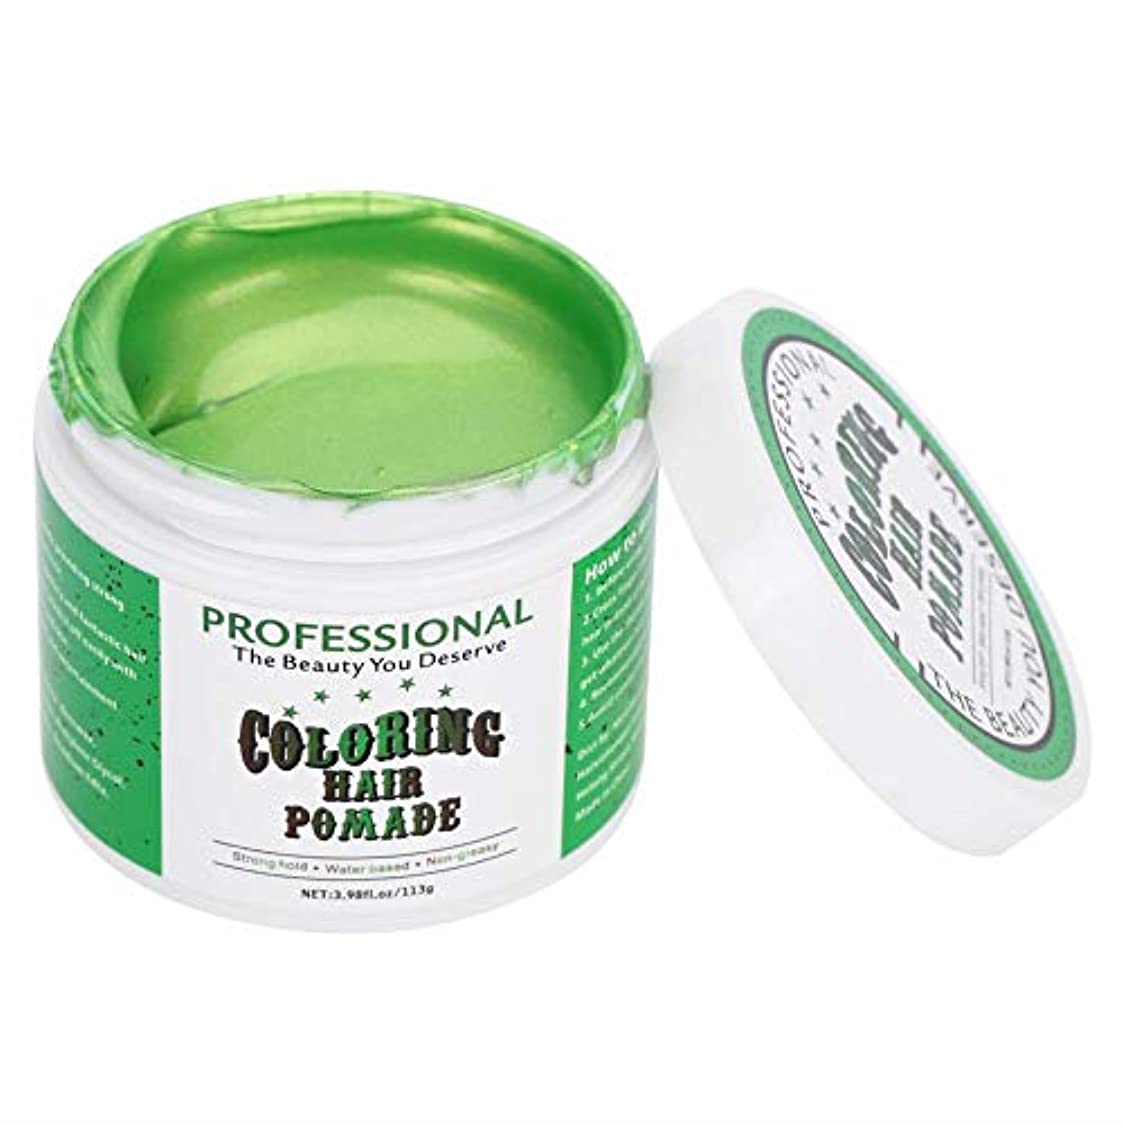 ソケット魂ソーシャル5色113グラム使い捨てカラーヘアポマードワックス、簡単着色スタイリングヘア染料安全で快適な着色ヘアスタイルモデリングワックス用染料ヘアカラー(#5)